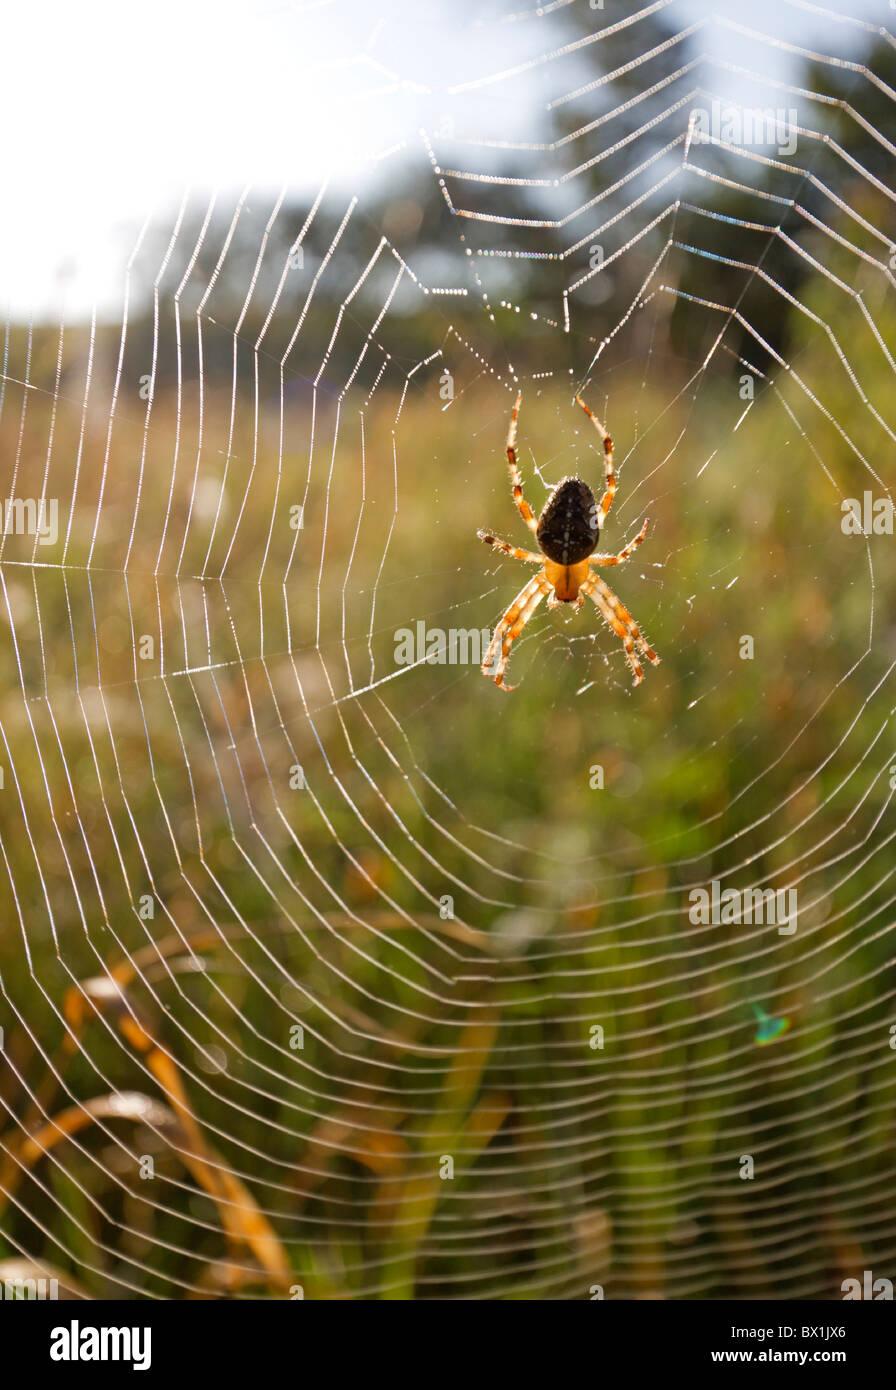 Garden spider in a meadow - Araneus diadematus - Stock Image